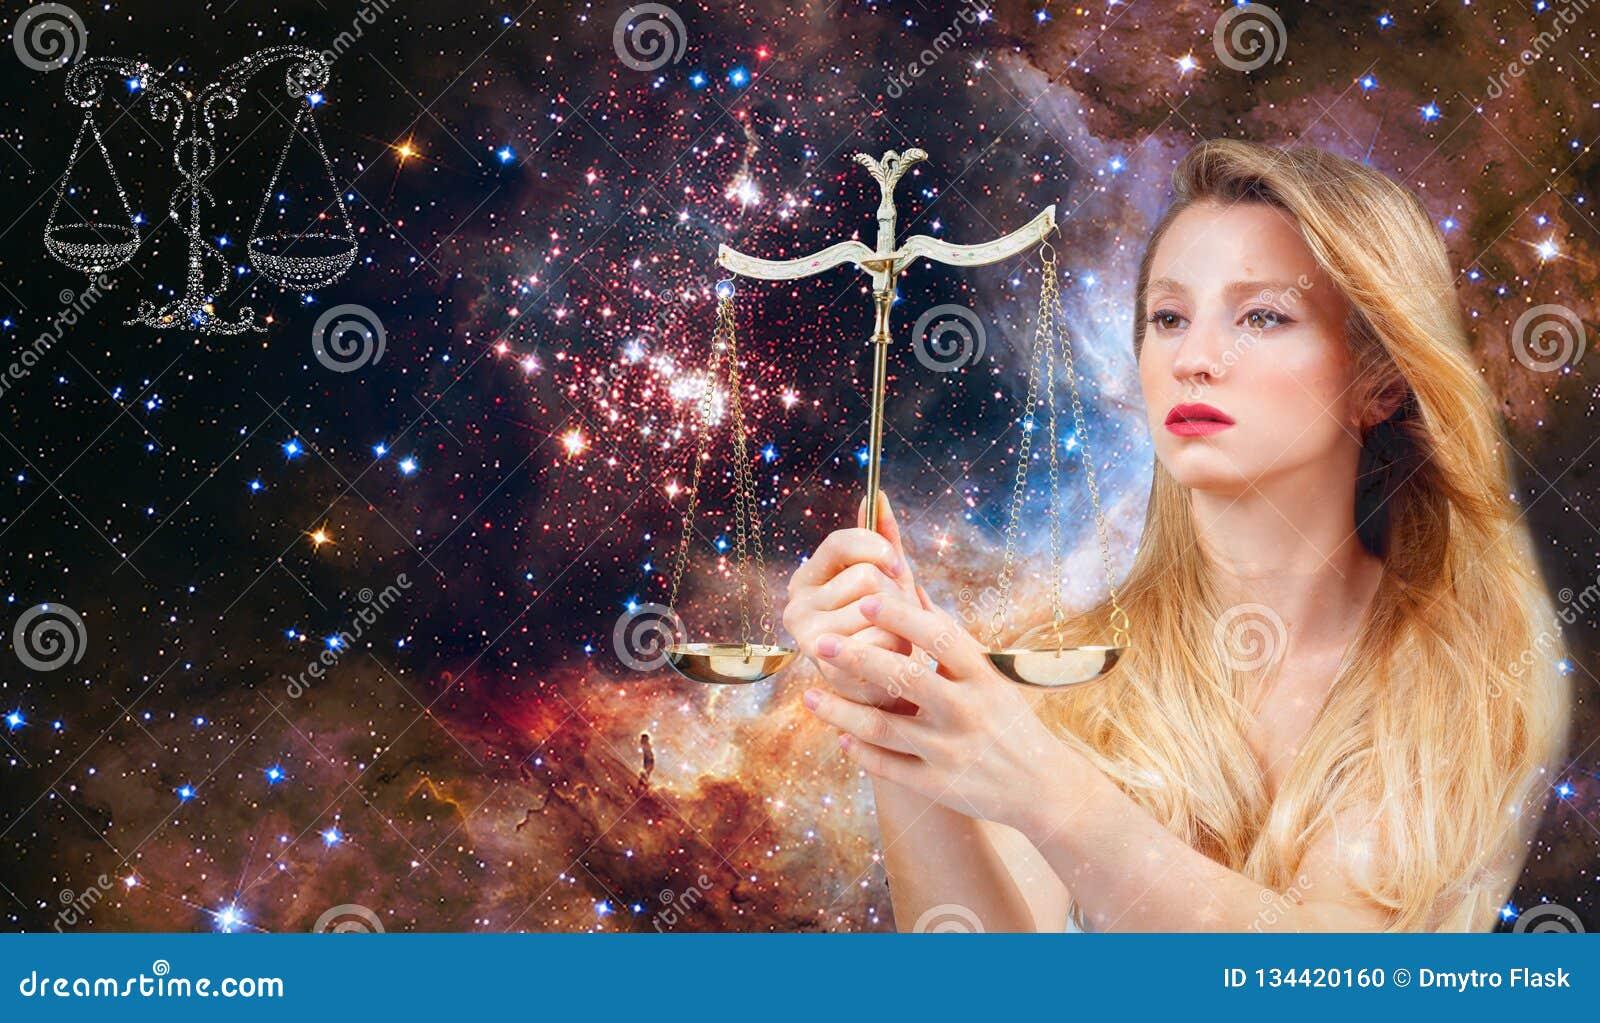 天秤座黄道带标志 占星术和占星,星系背景的美女天秤座